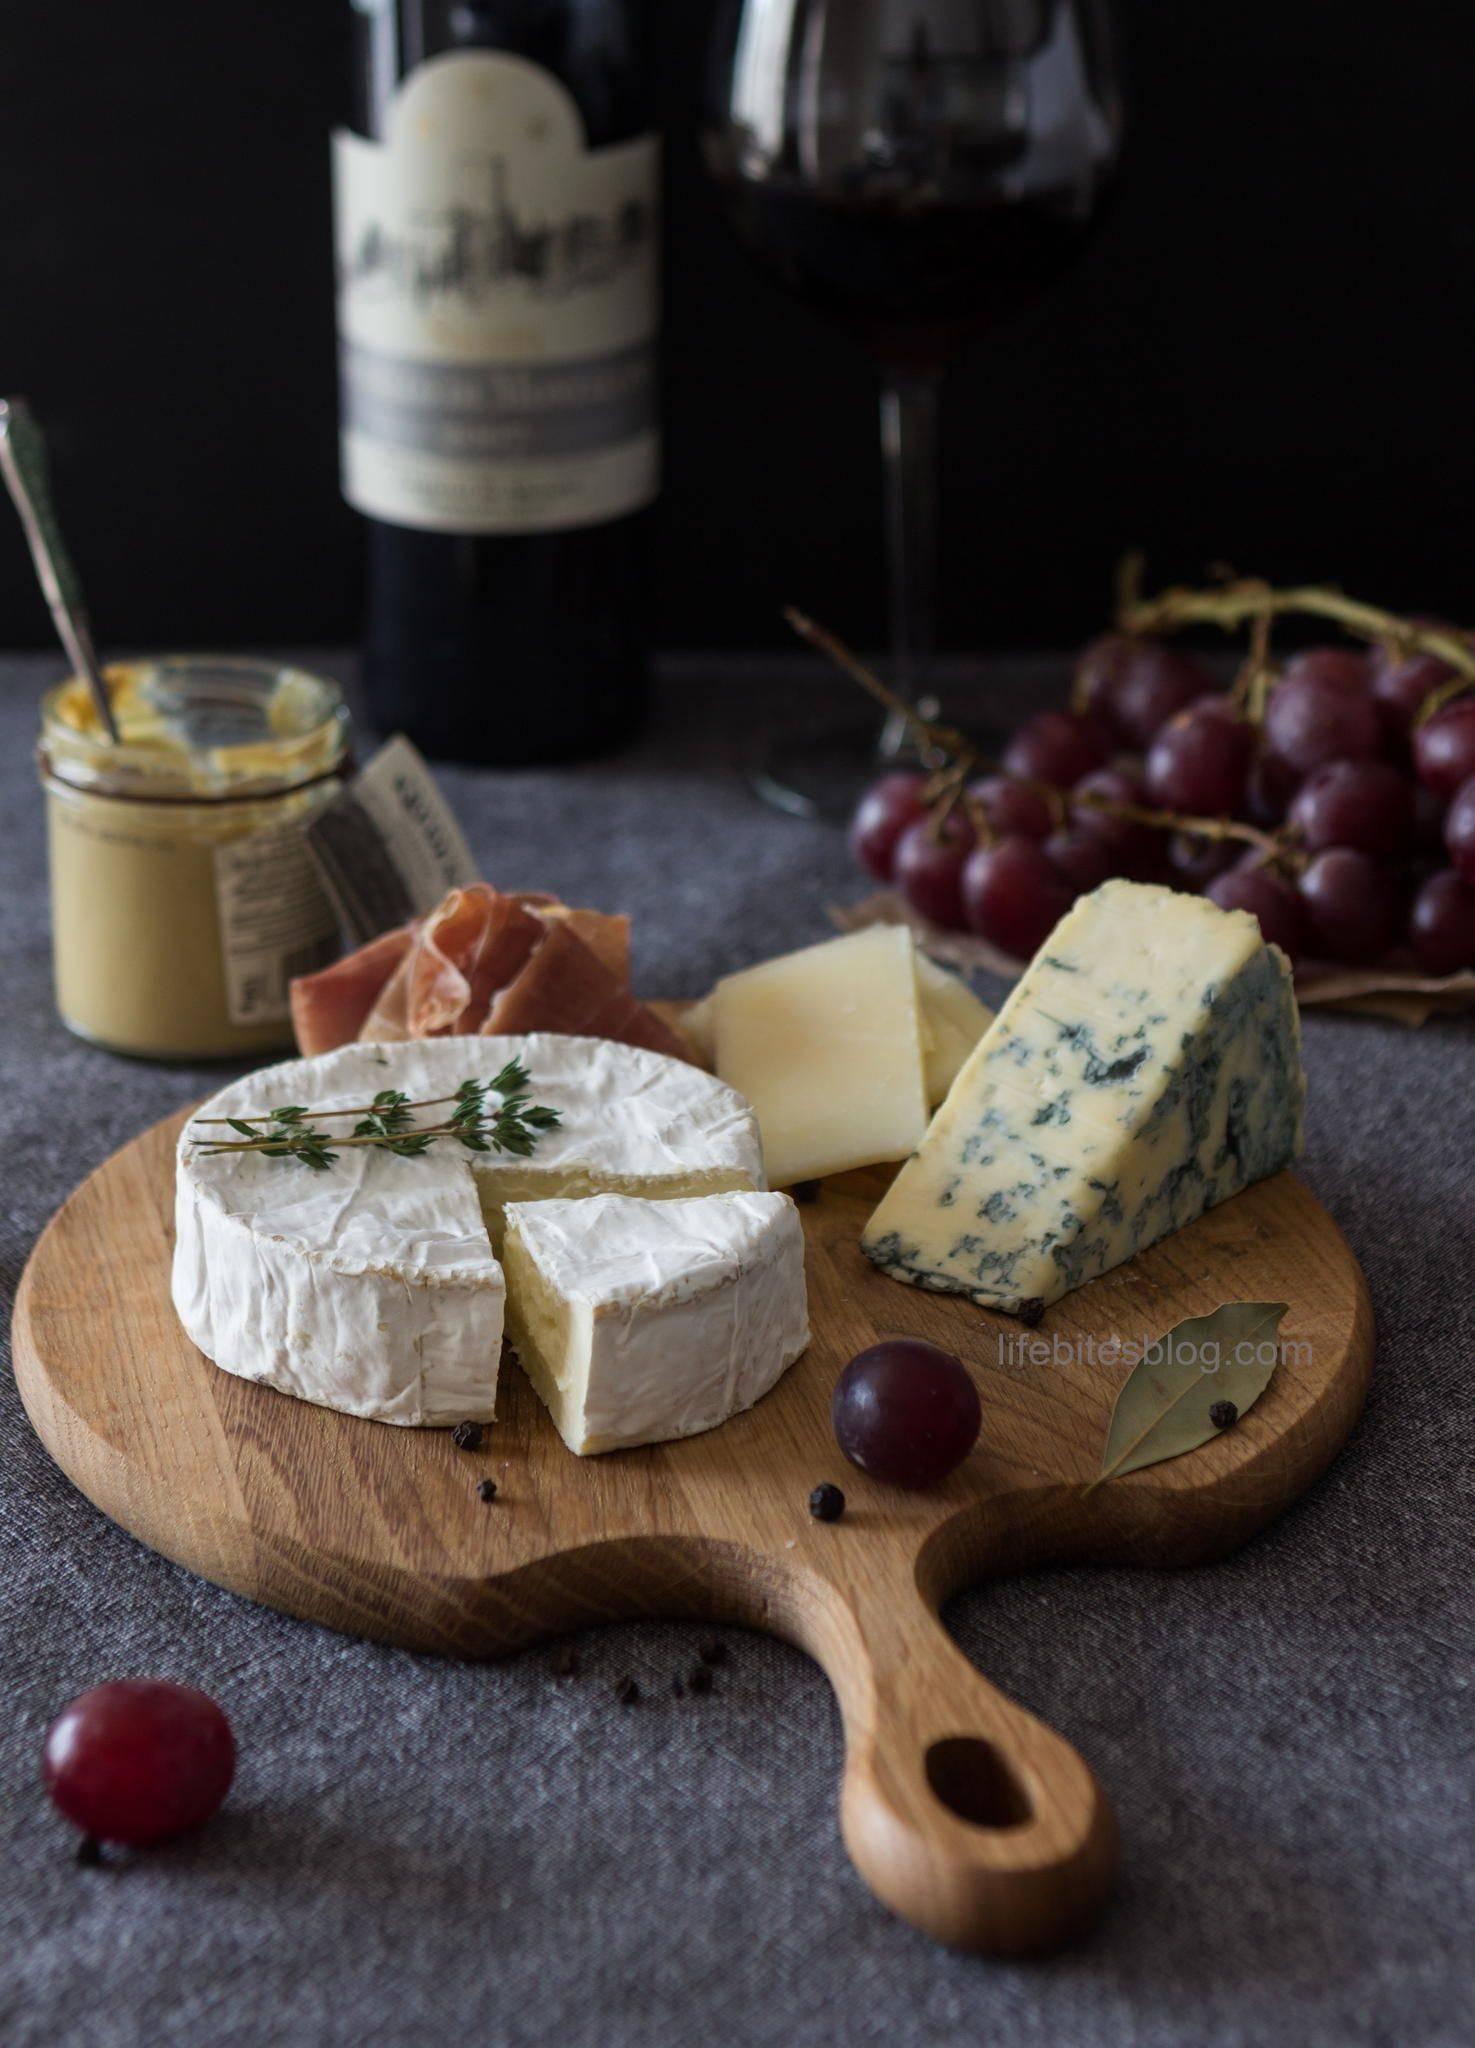 Оригинальные и простые закуски к вину - лучшие рецепты